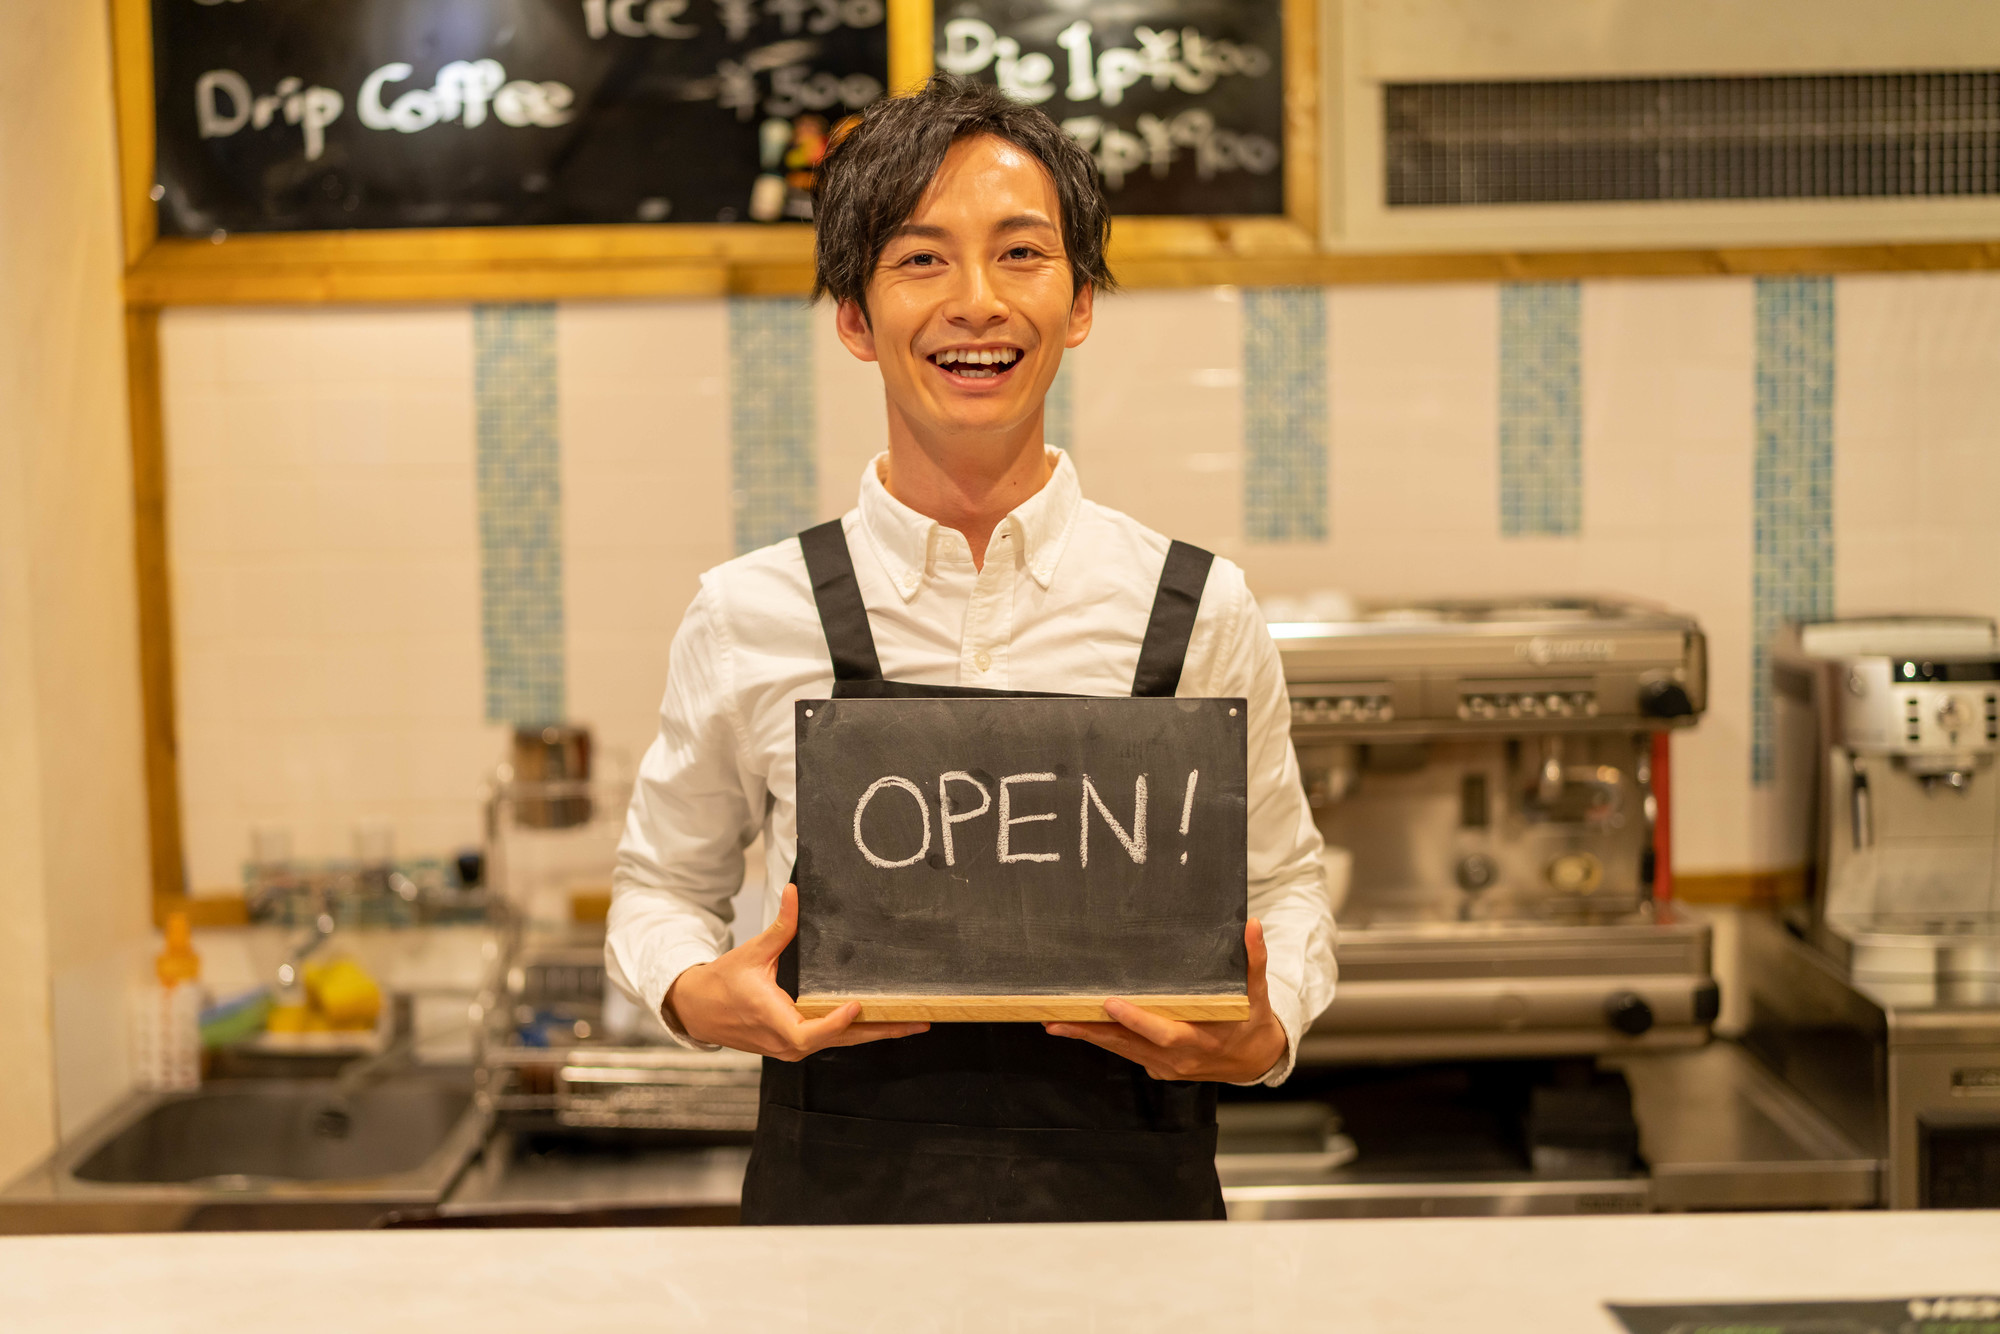 脱サラ後のカフェ開業で失敗する原因7つ!成功者はここまで準備している